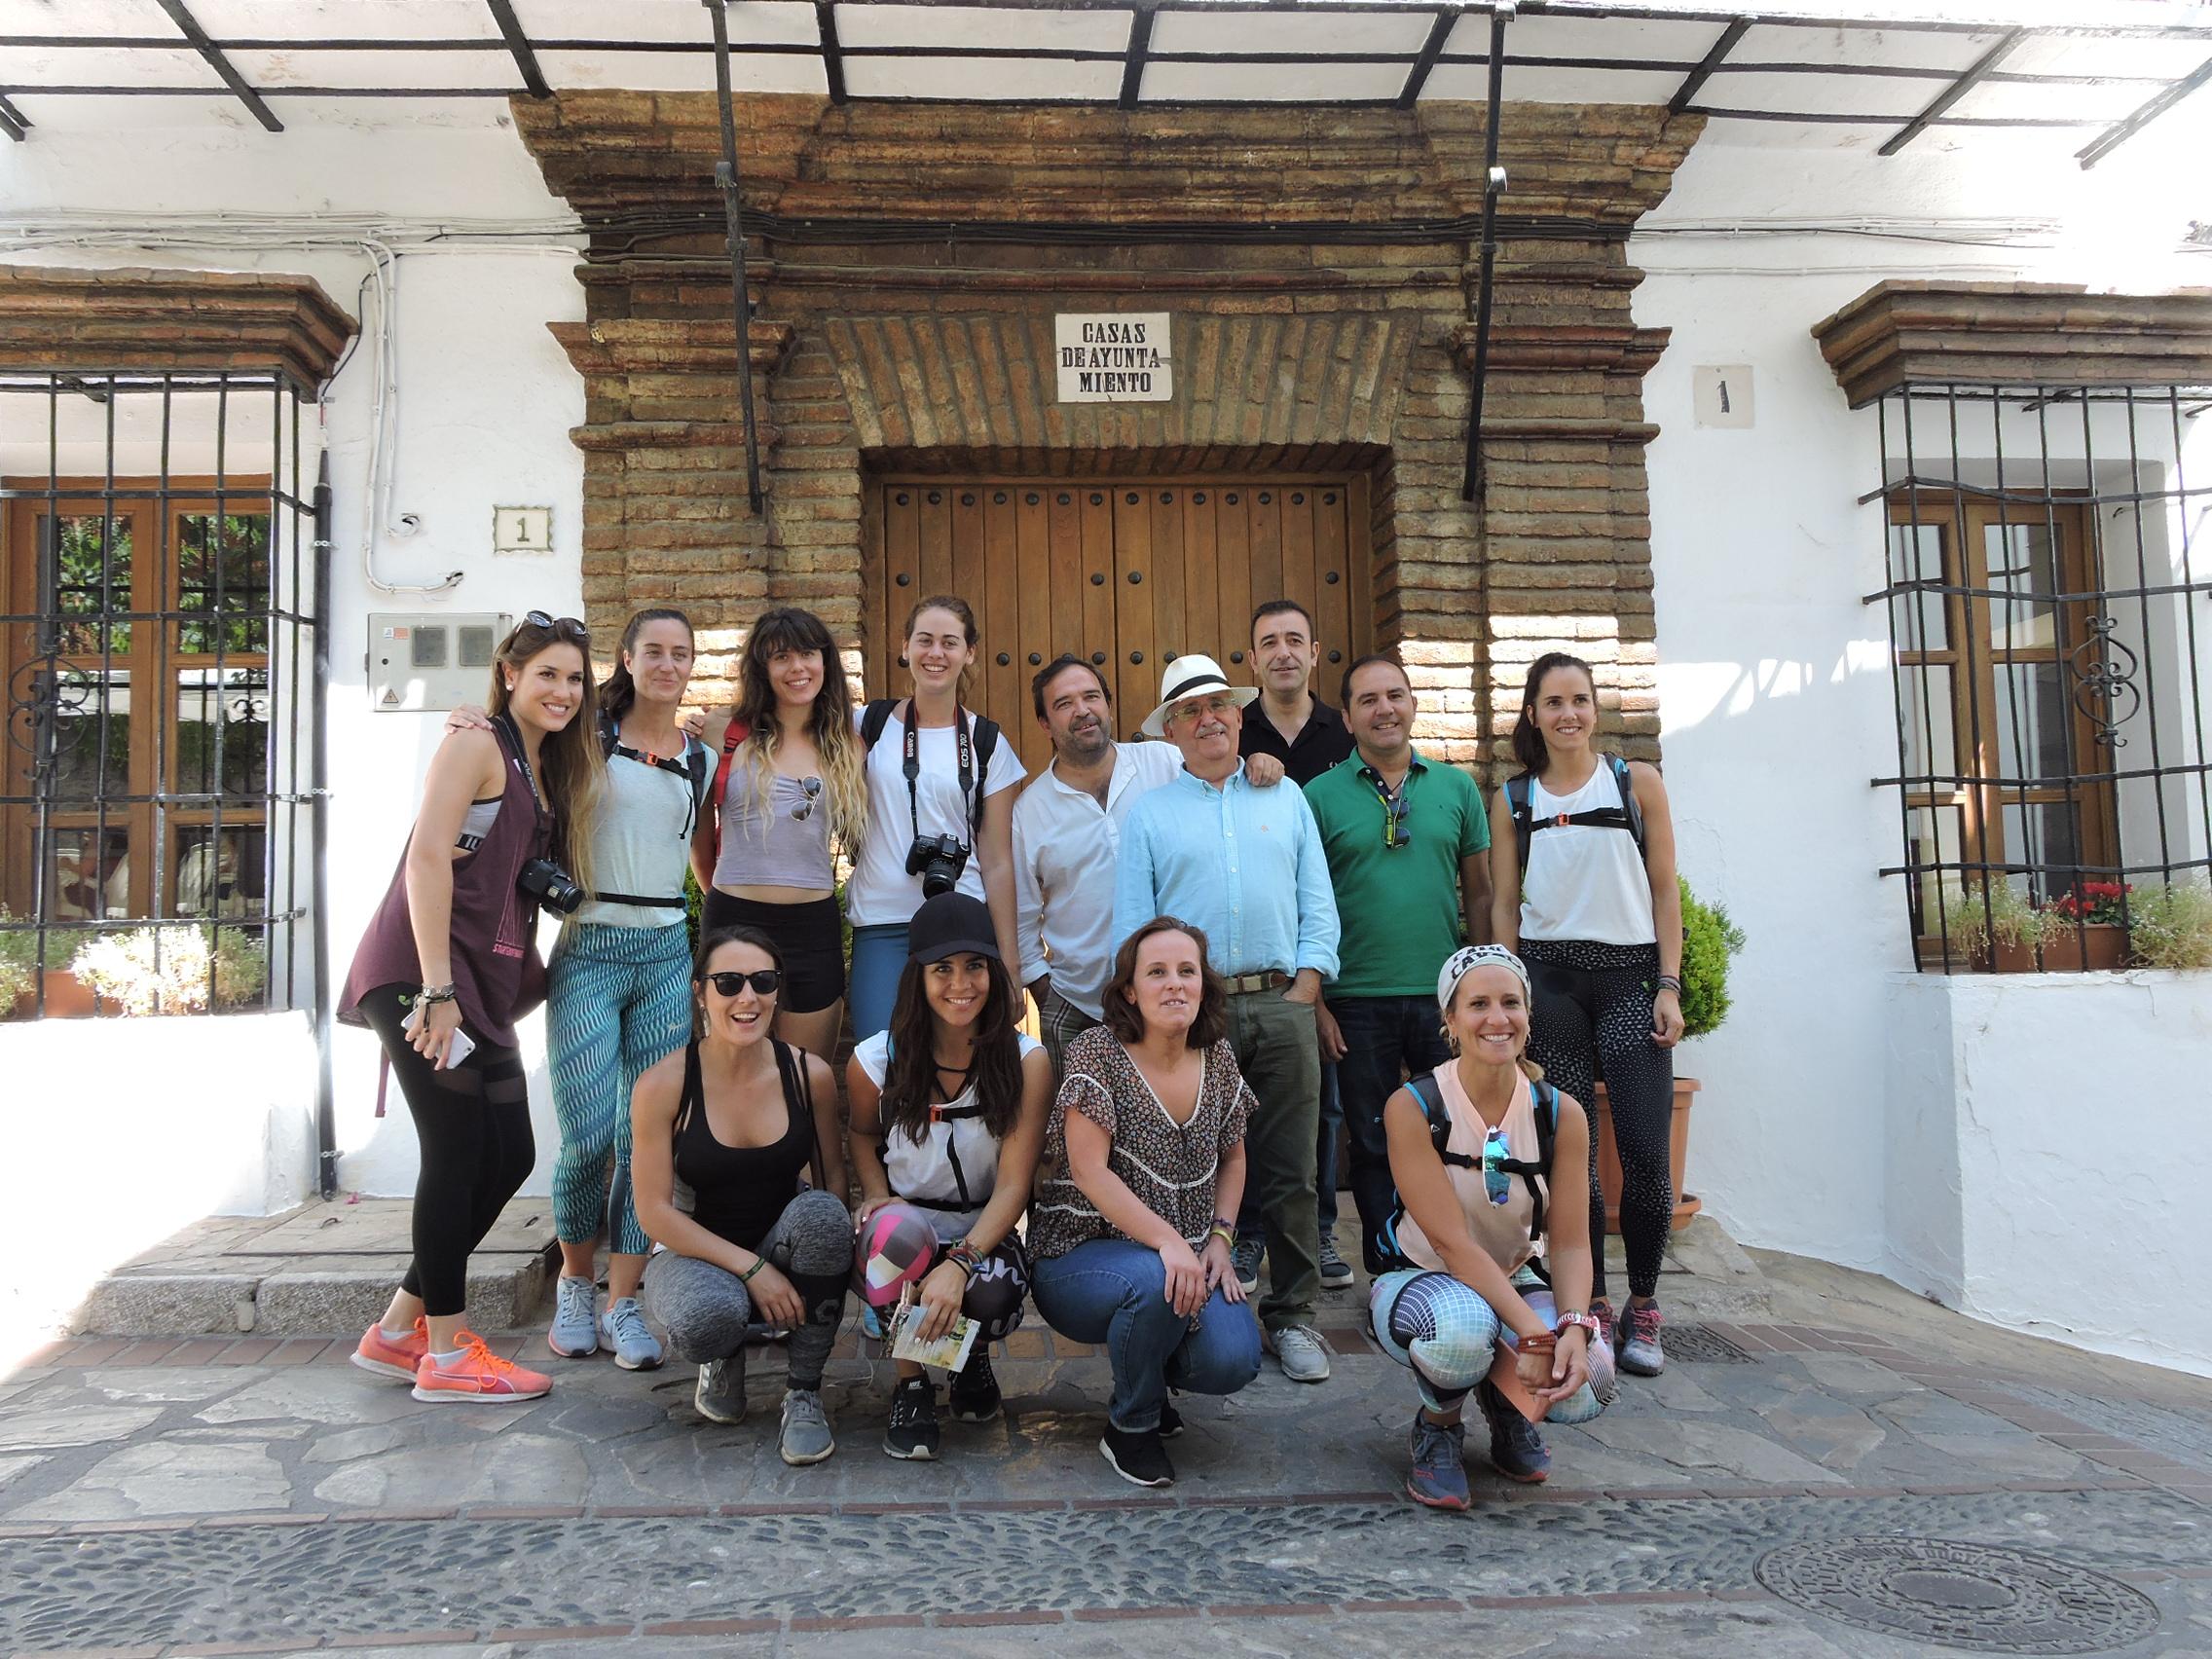 2017-09-17 VISITA A BENALAURÍA BLOGUERS (20).JPG